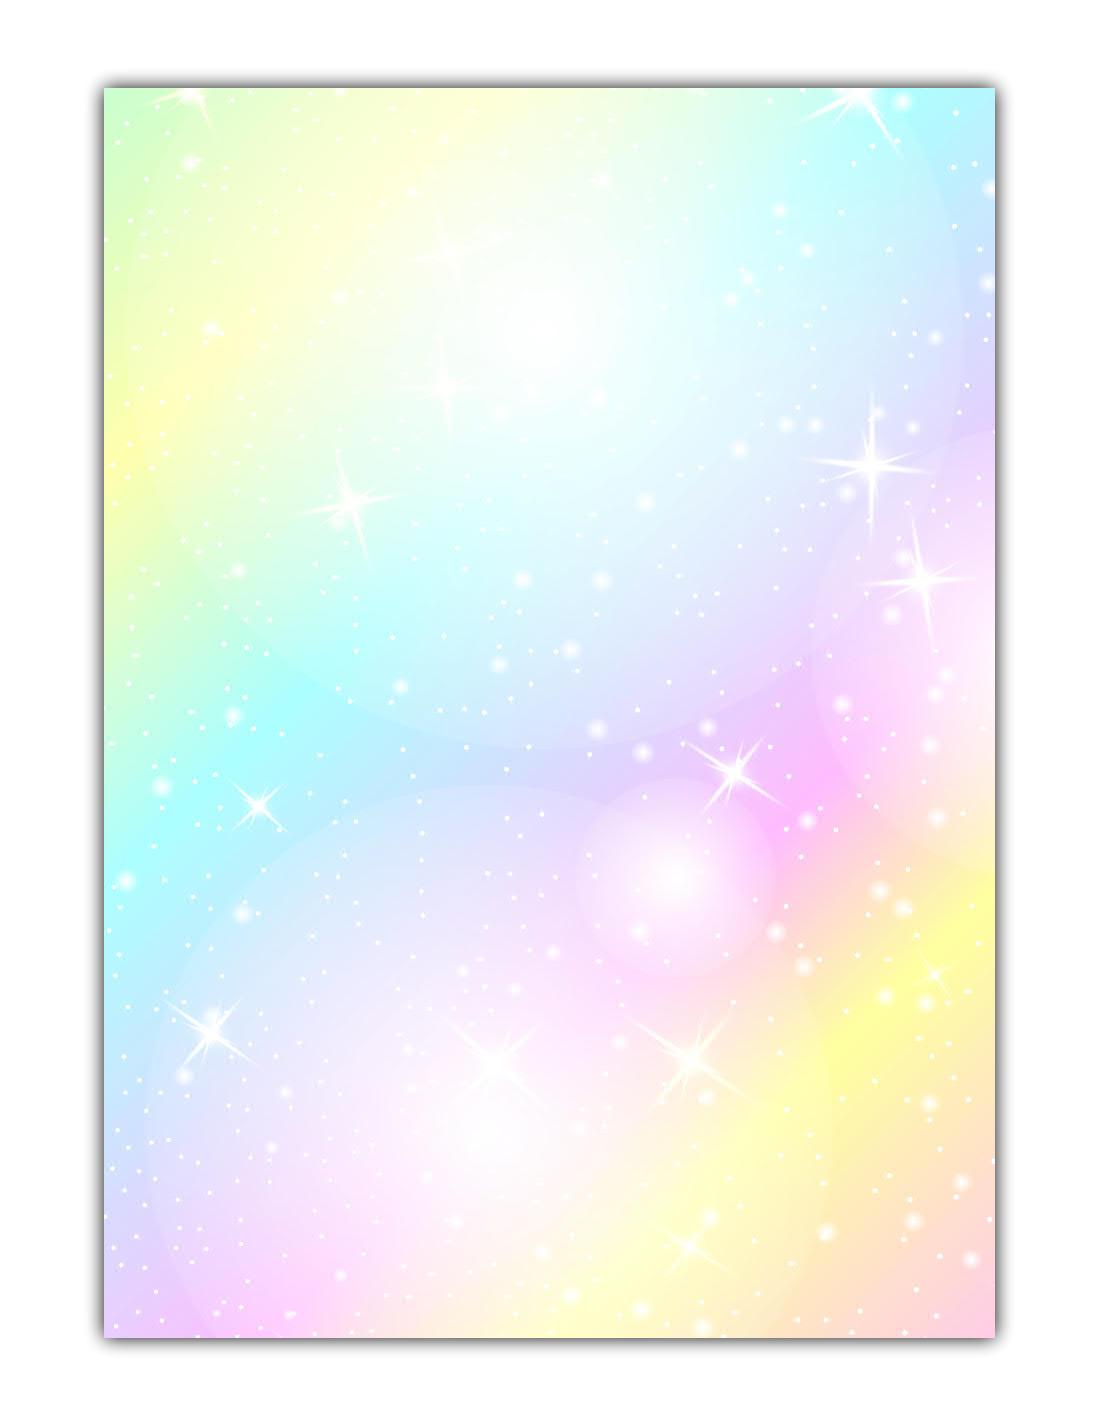 Rainbow Motiv-Briefpapier (MPA-5215, DIN A4, 100 Blatt) Motivpapier knallig bunt Regenbogenfarben mit Sternen